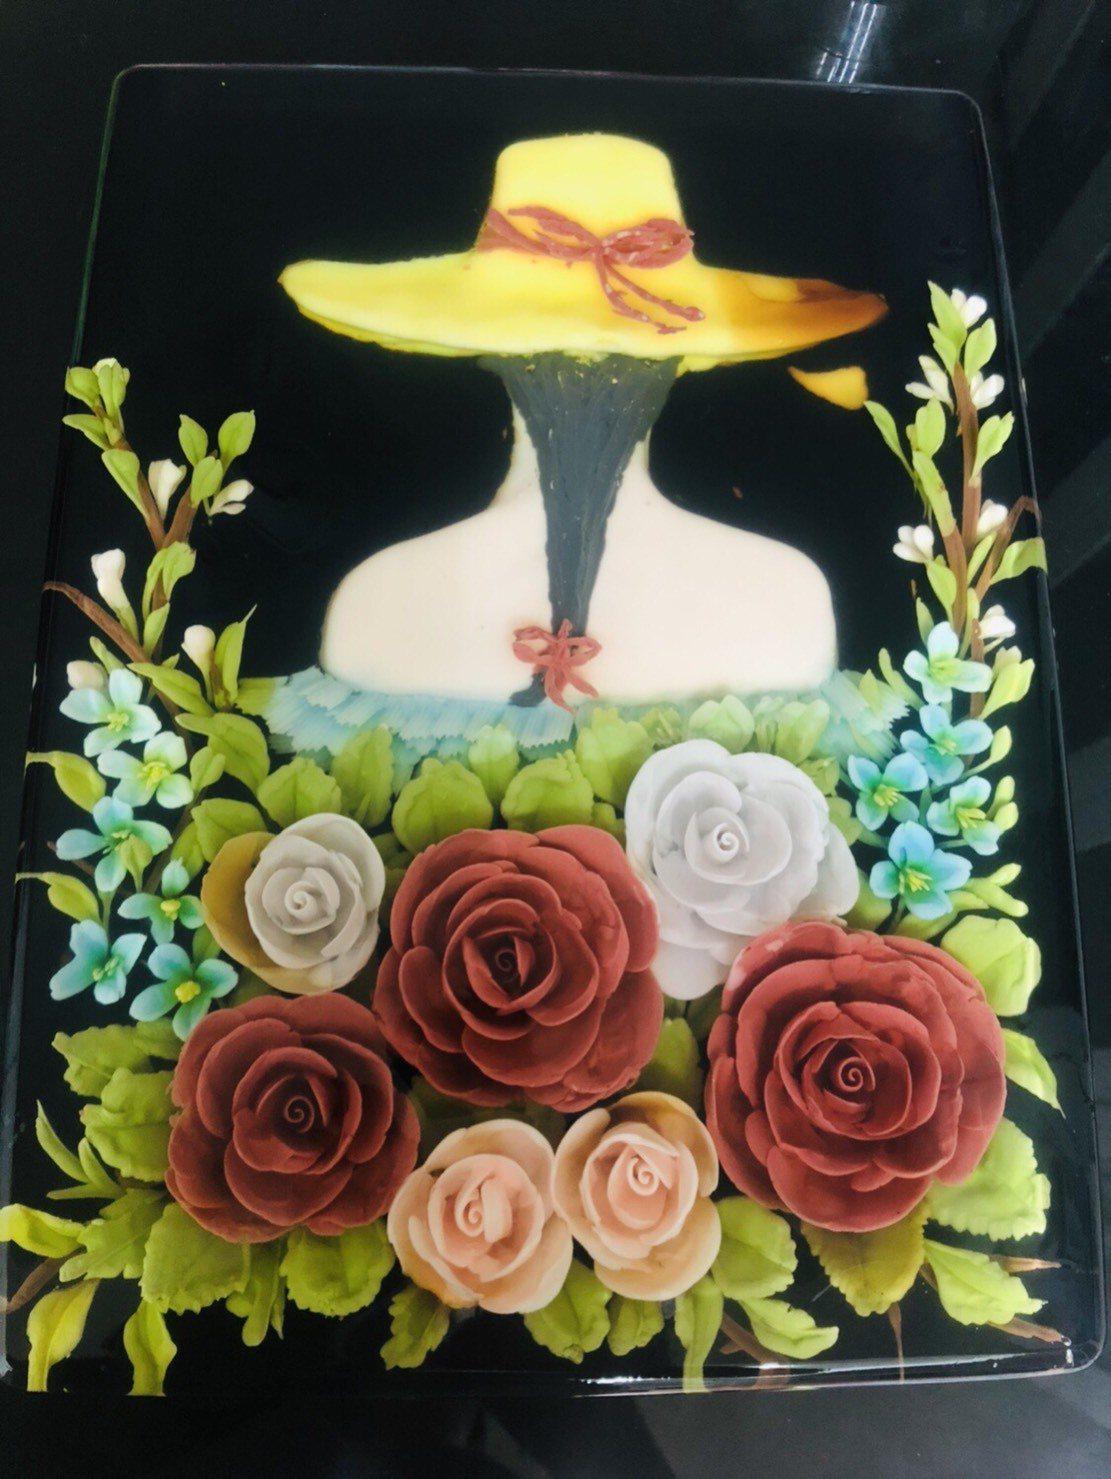 卞柔勻3D果凍花作品,令人驚豔。圖/新北社會局提供